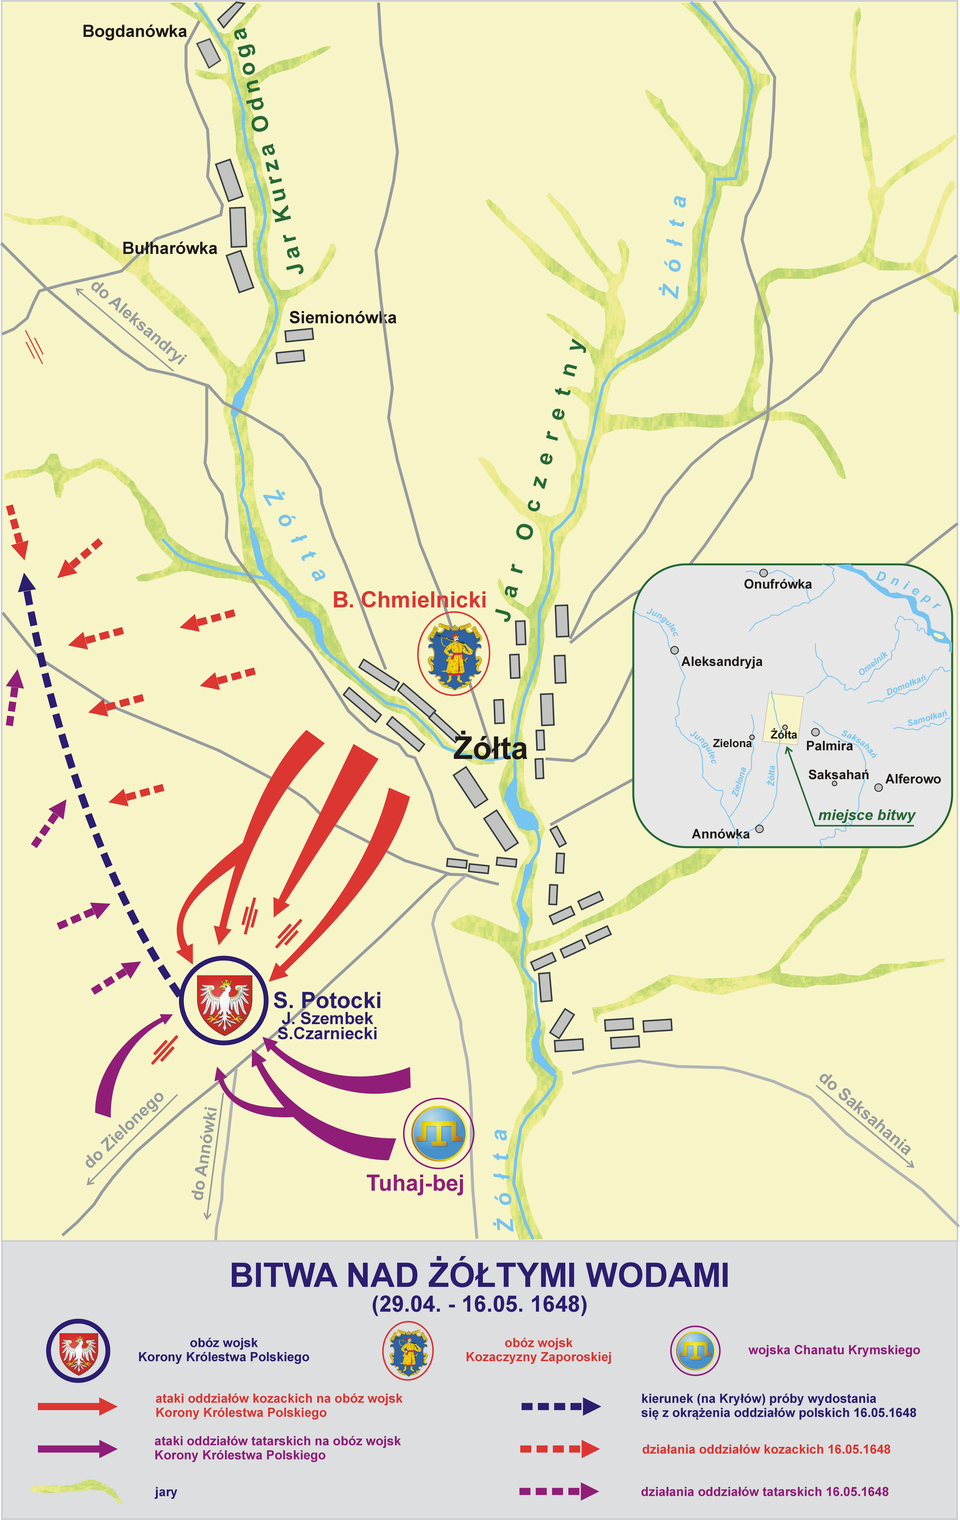 Plan bitwy nad Żółtymi Wodami 29 kwietnia – 16 maja 1648 r. Plan bitwy nad Żółtymi Wodami 29 kwietnia – 16 maja 1648 r. Źródło: Lonio17, Wikimedia Commons, licencja: CC BY-SA 4.0.